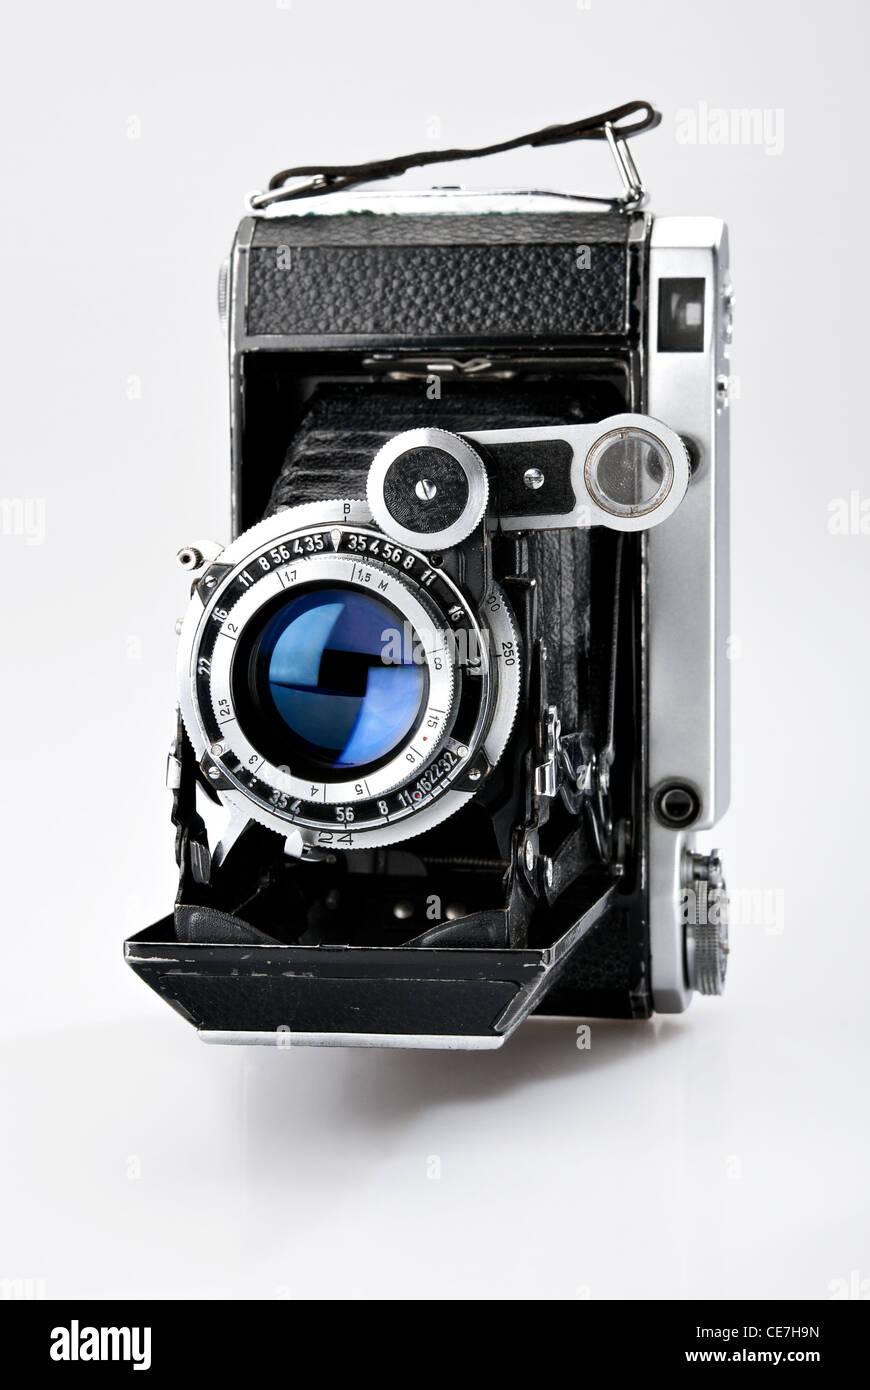 Old vintage photo camera isolated on white background - Stock Image